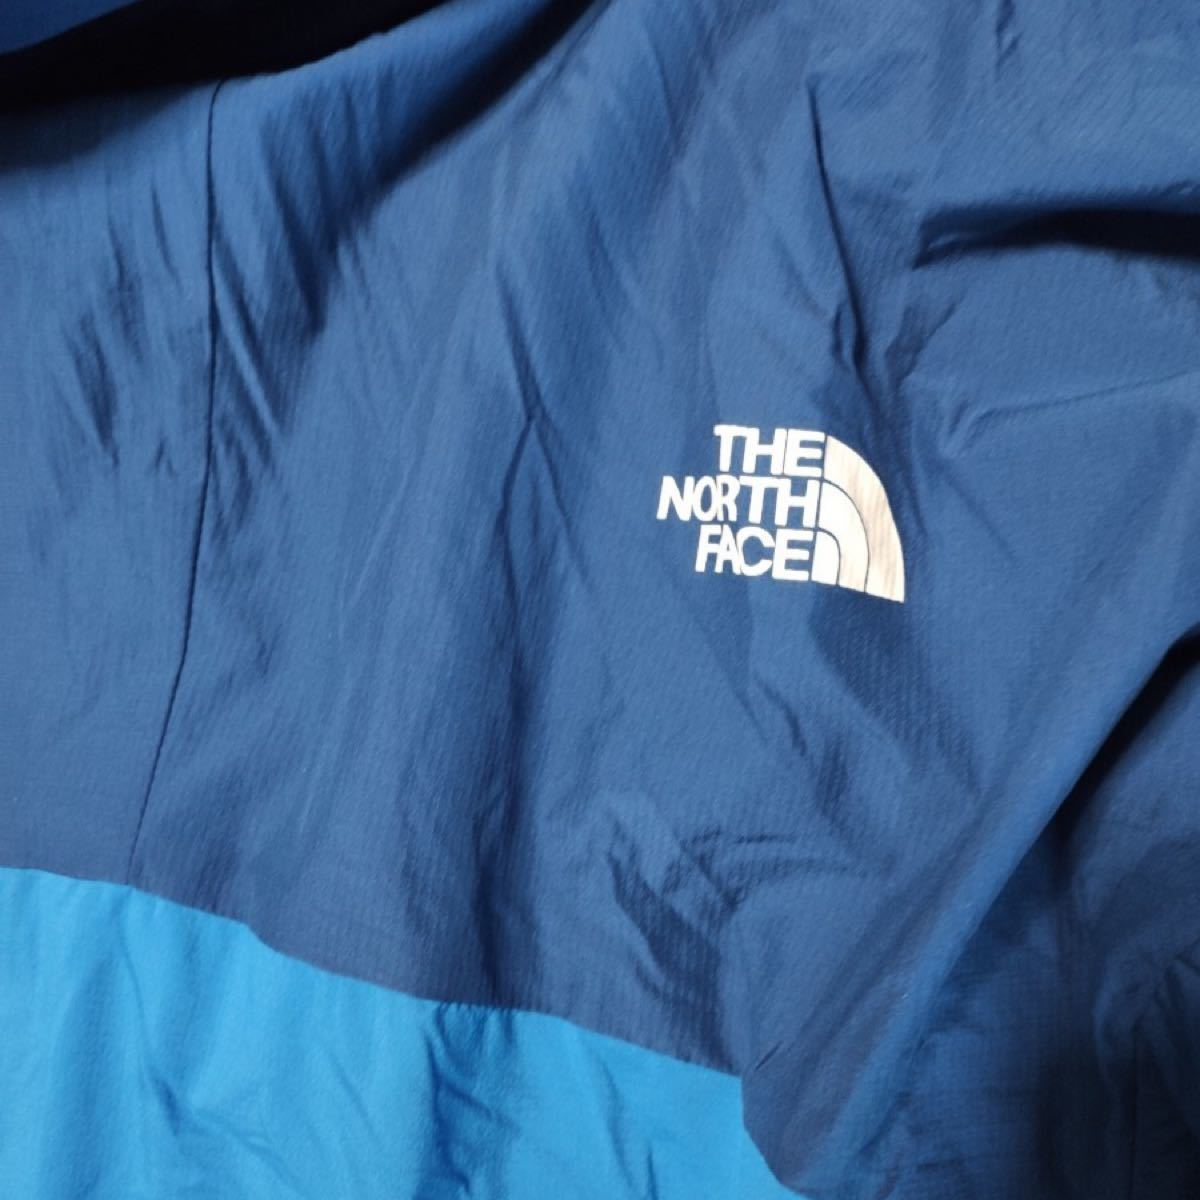 【THE NORTH FACE】ザ・ノース・フェイス ナイロン JKT ブルー